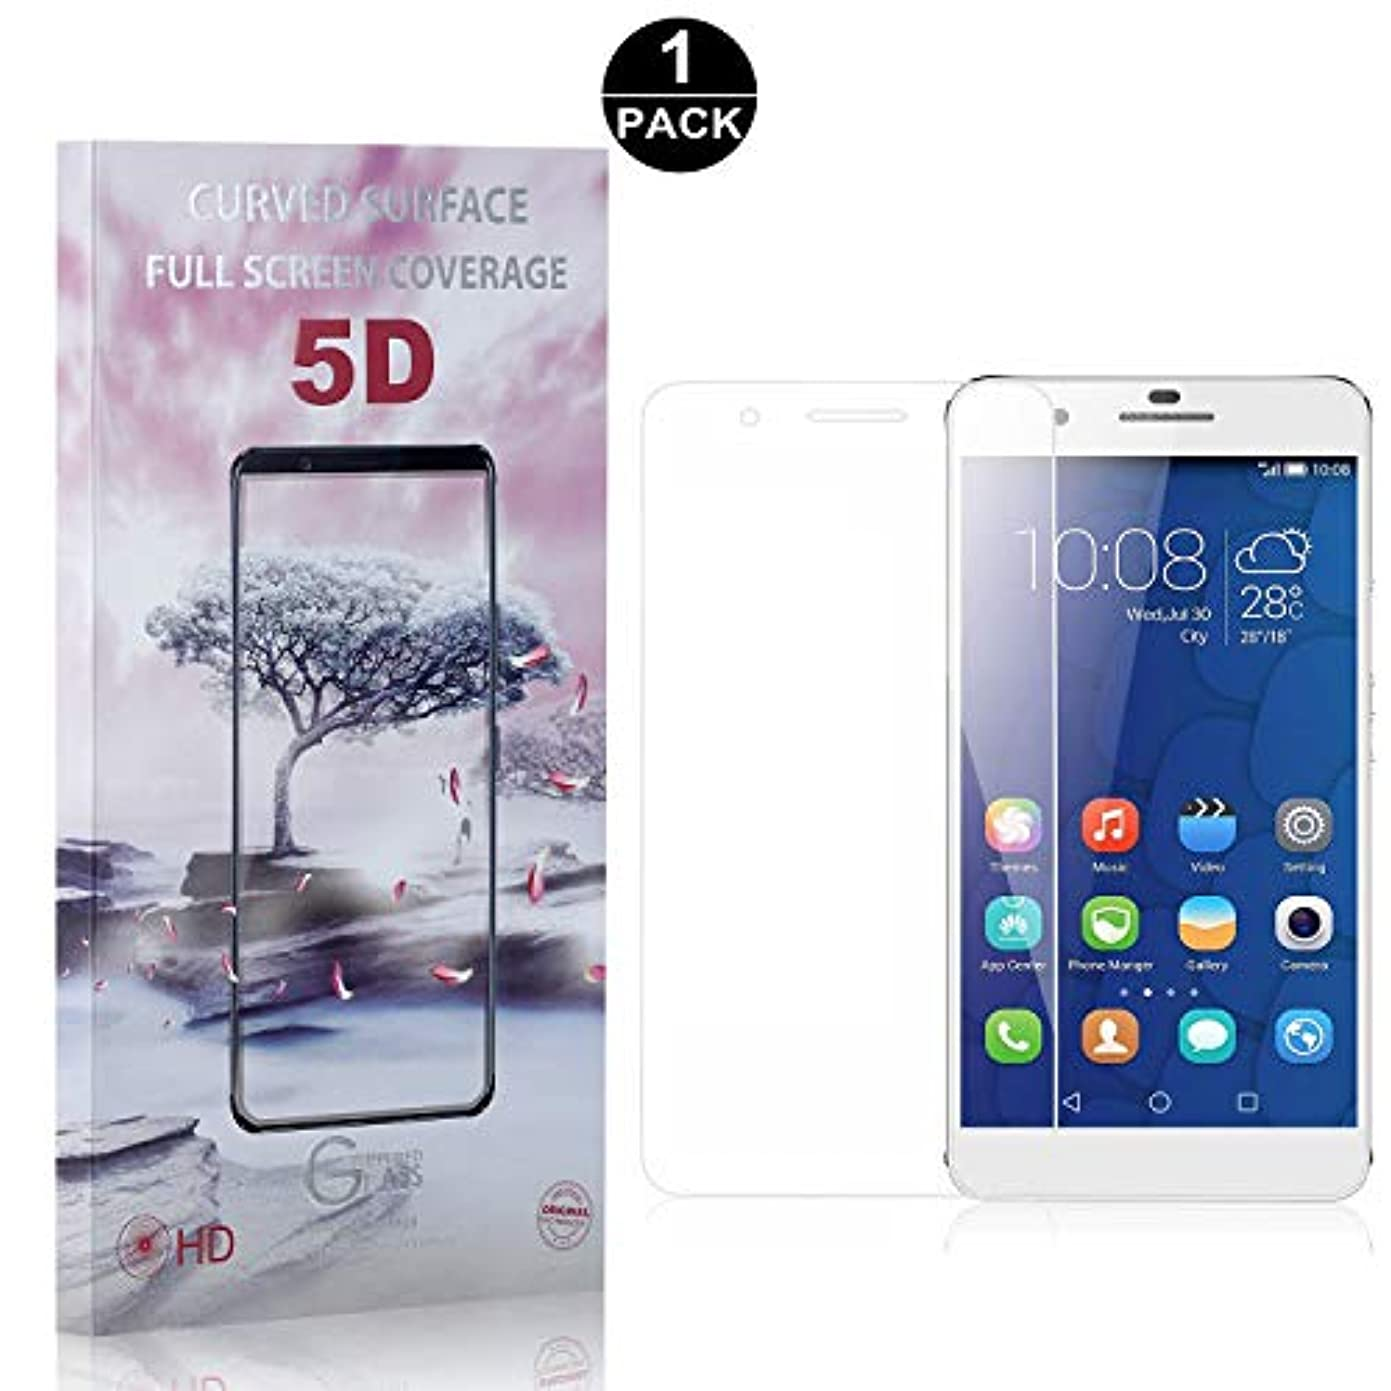 剥ぎ取るロースト発火する【1枚セット】 Huawei Mate 9 Lite 硬度9H ガラスフィルム CUNUS Huawei Mate 9 Lite 専用設計 強化ガラスフィルム 高透明度で 99%透過率 気泡防止 耐衝撃 超薄 液晶保護フィルム